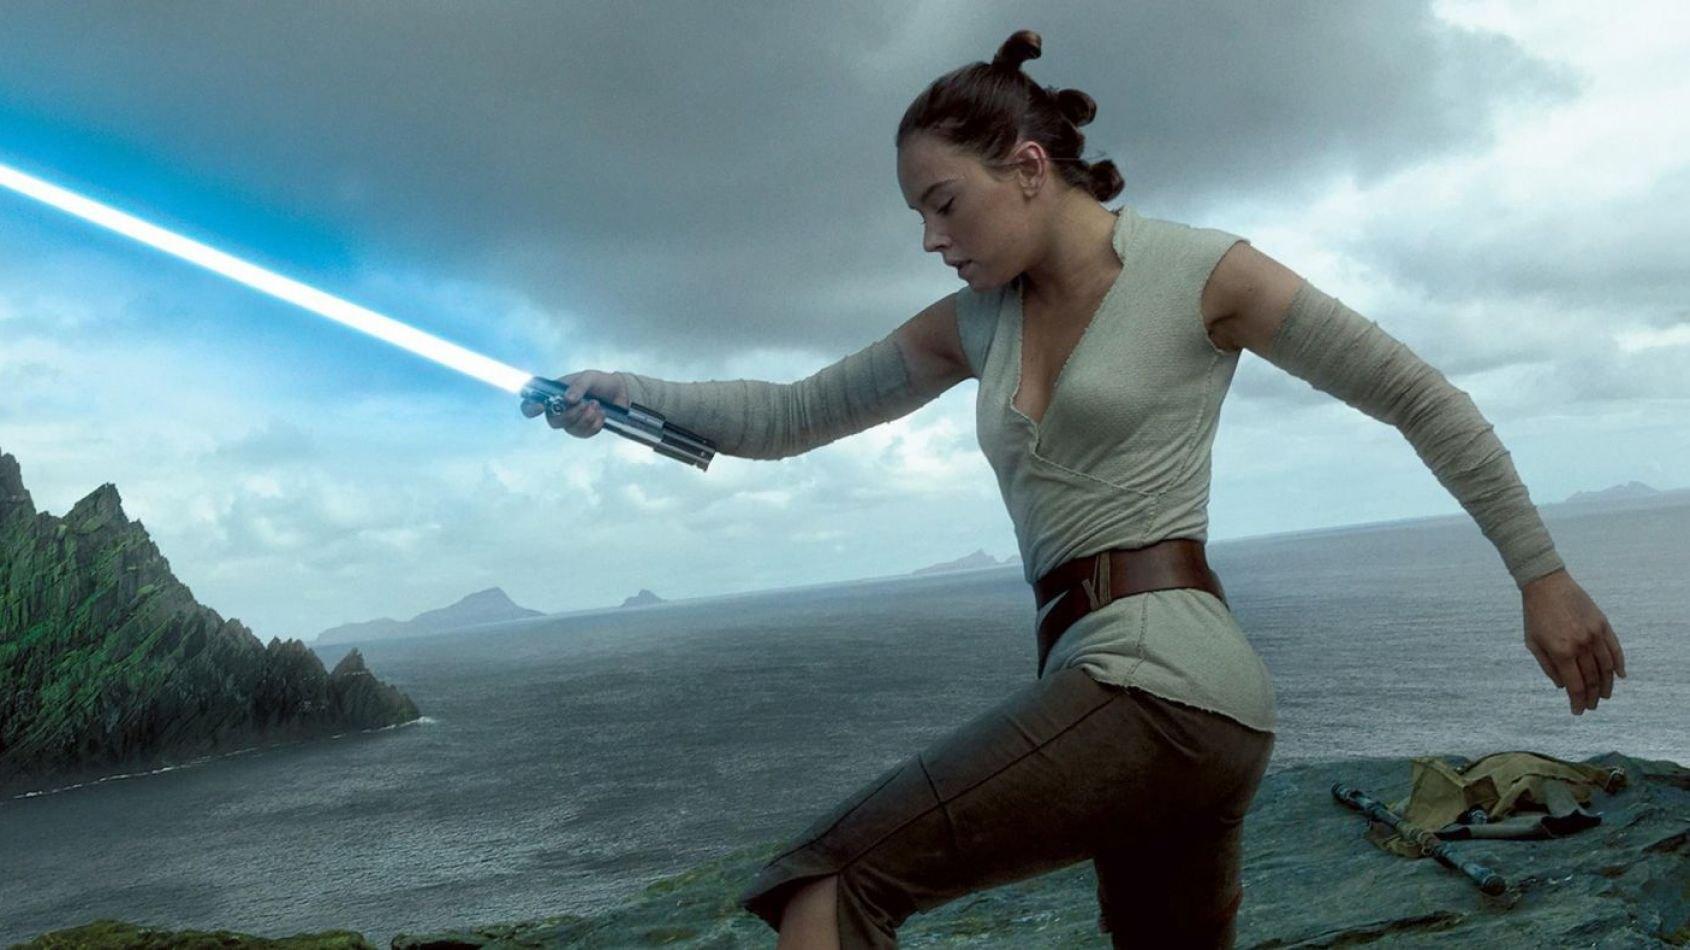 L'événement héroïque de Rey disponible sur Galaxy of Heroes